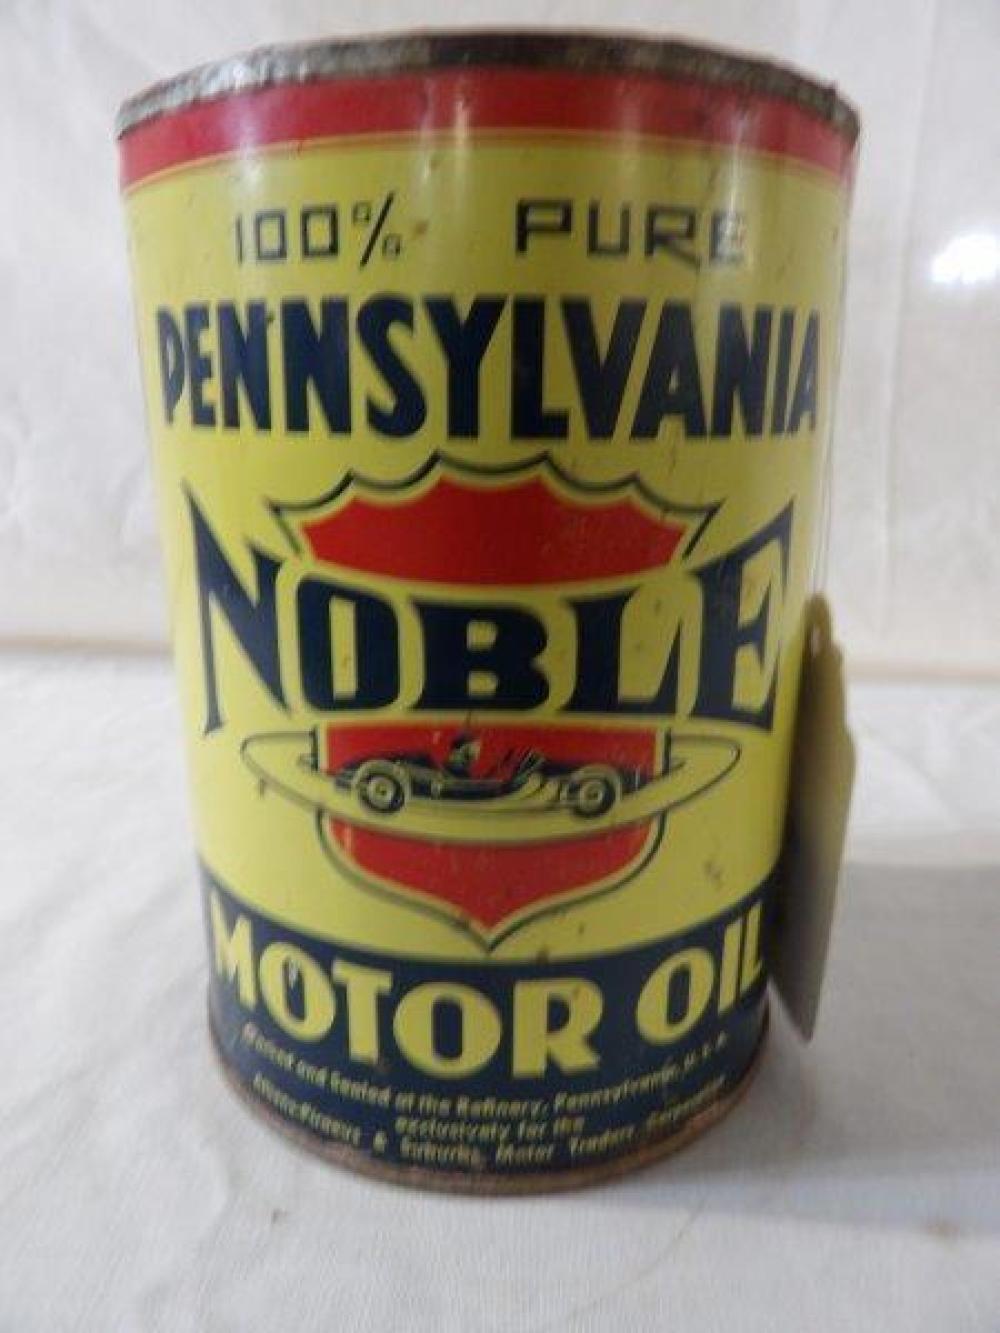 Pennsylvania Noble motor oil 1 qt can